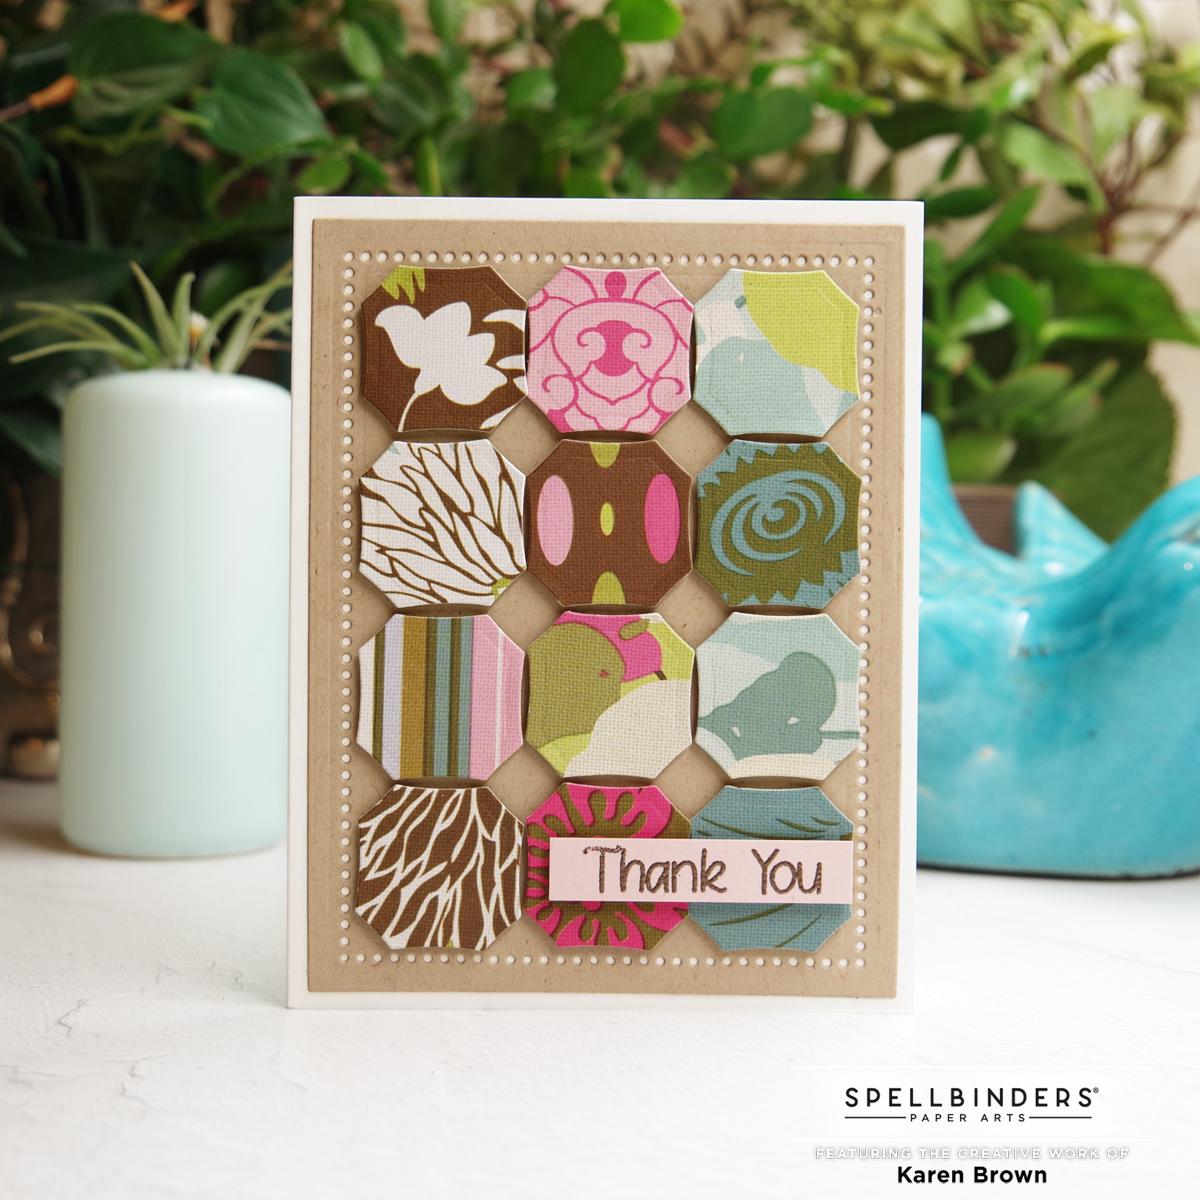 Spellbinder's August 2021 Amazing Paper Grace die cut octagon tile card in Kraft, Aqua, Brown and Pink.